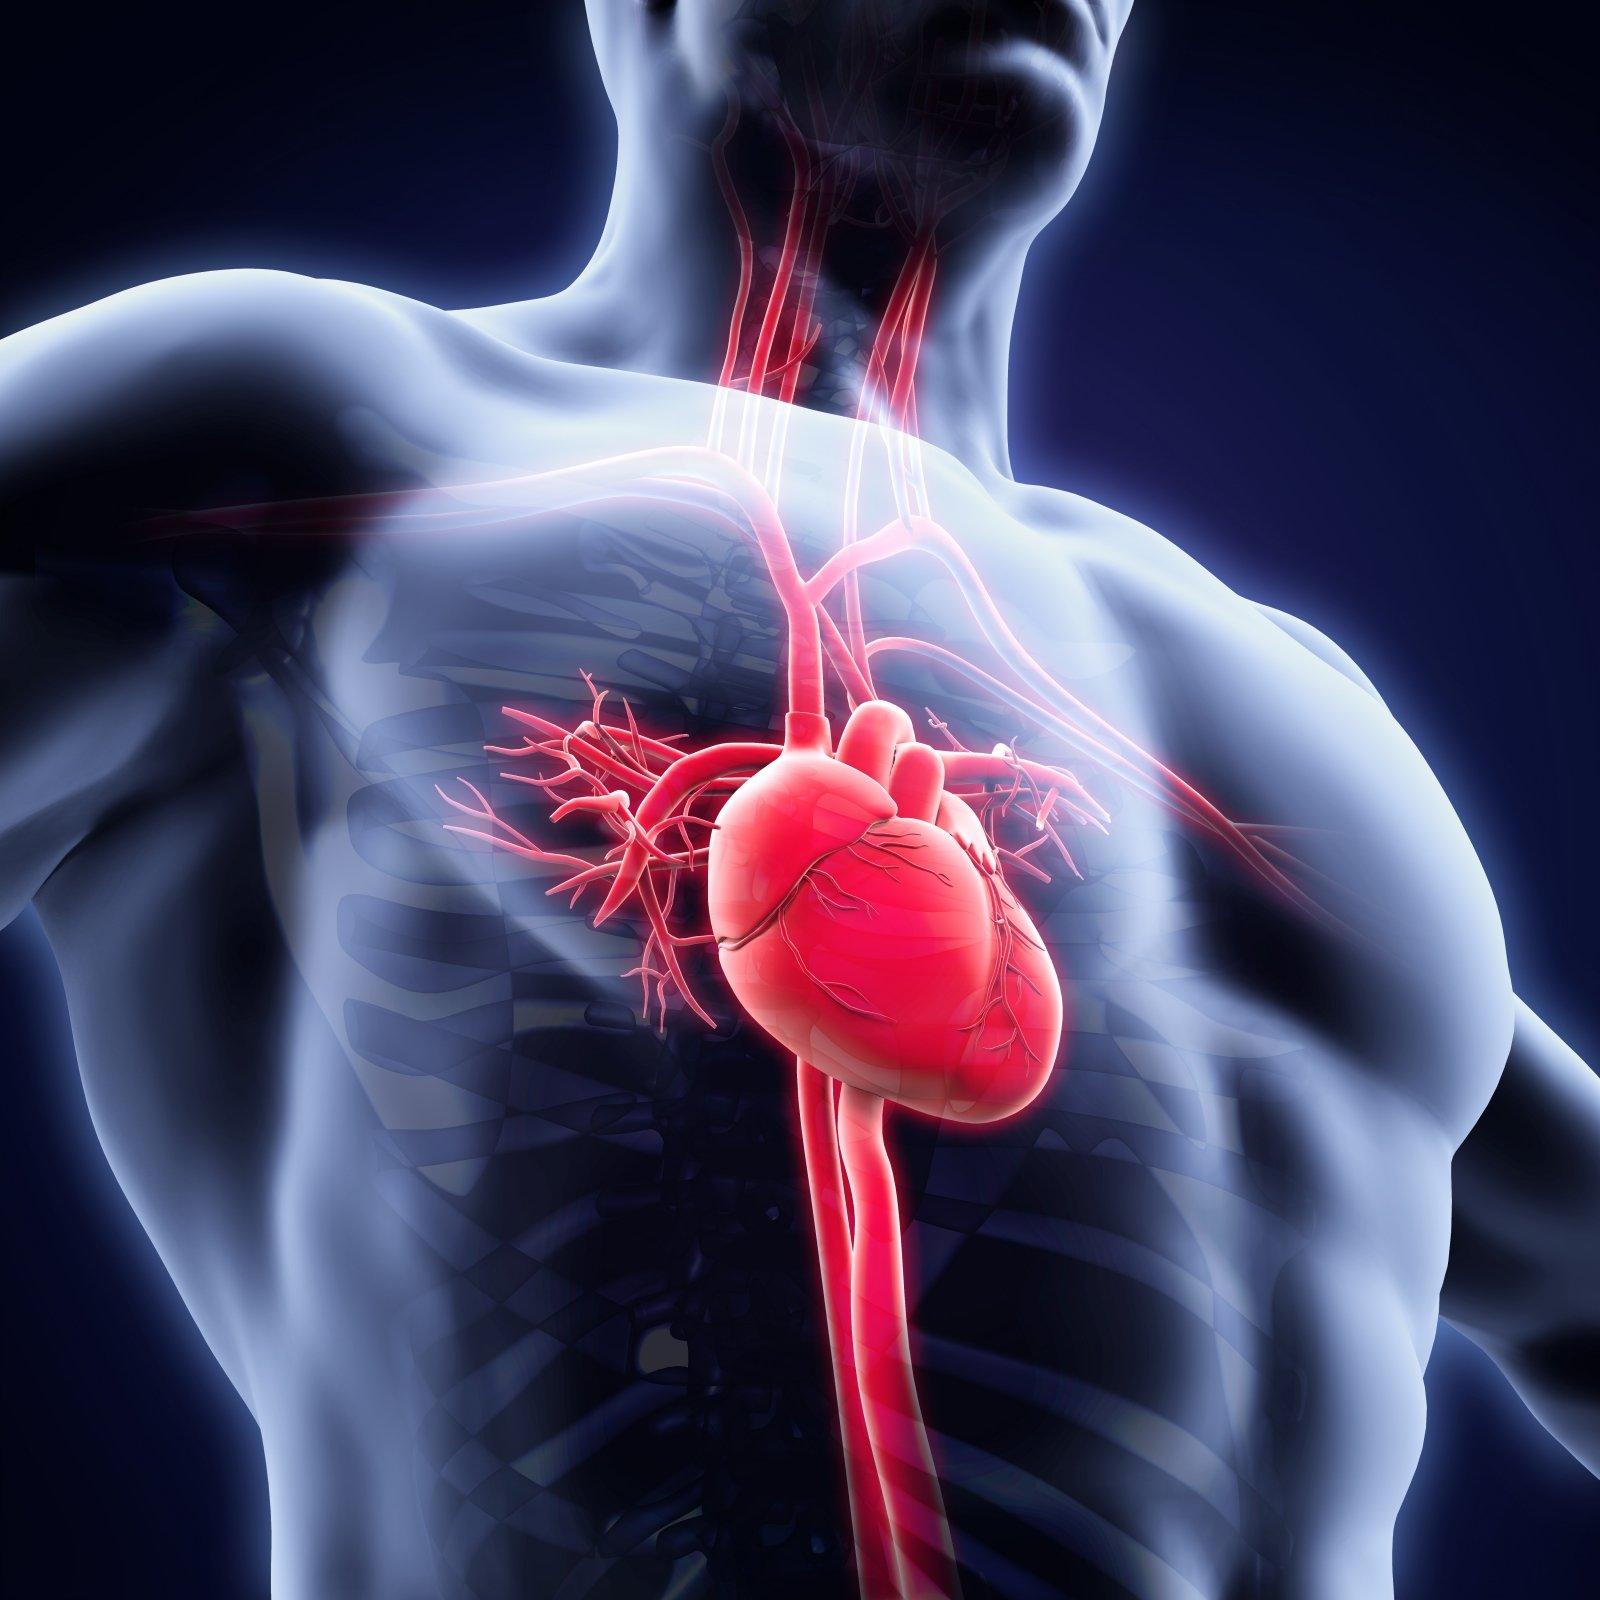 hipertenzija ir kraujo krešulys)